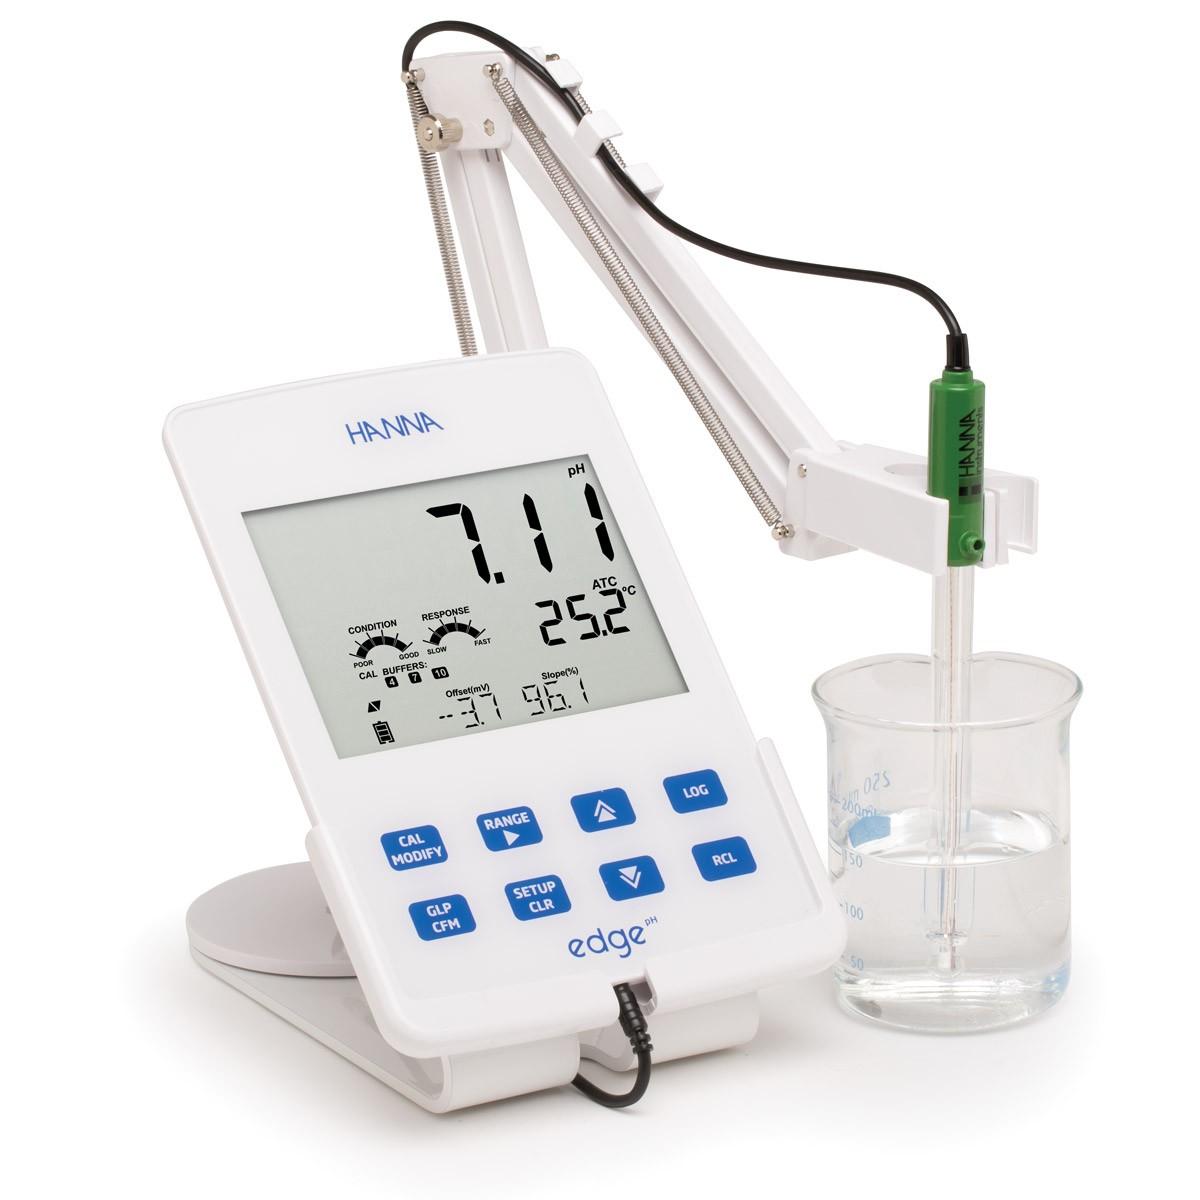 HI2002-02 - edge® Masaüstü pH / ORP Ölçer